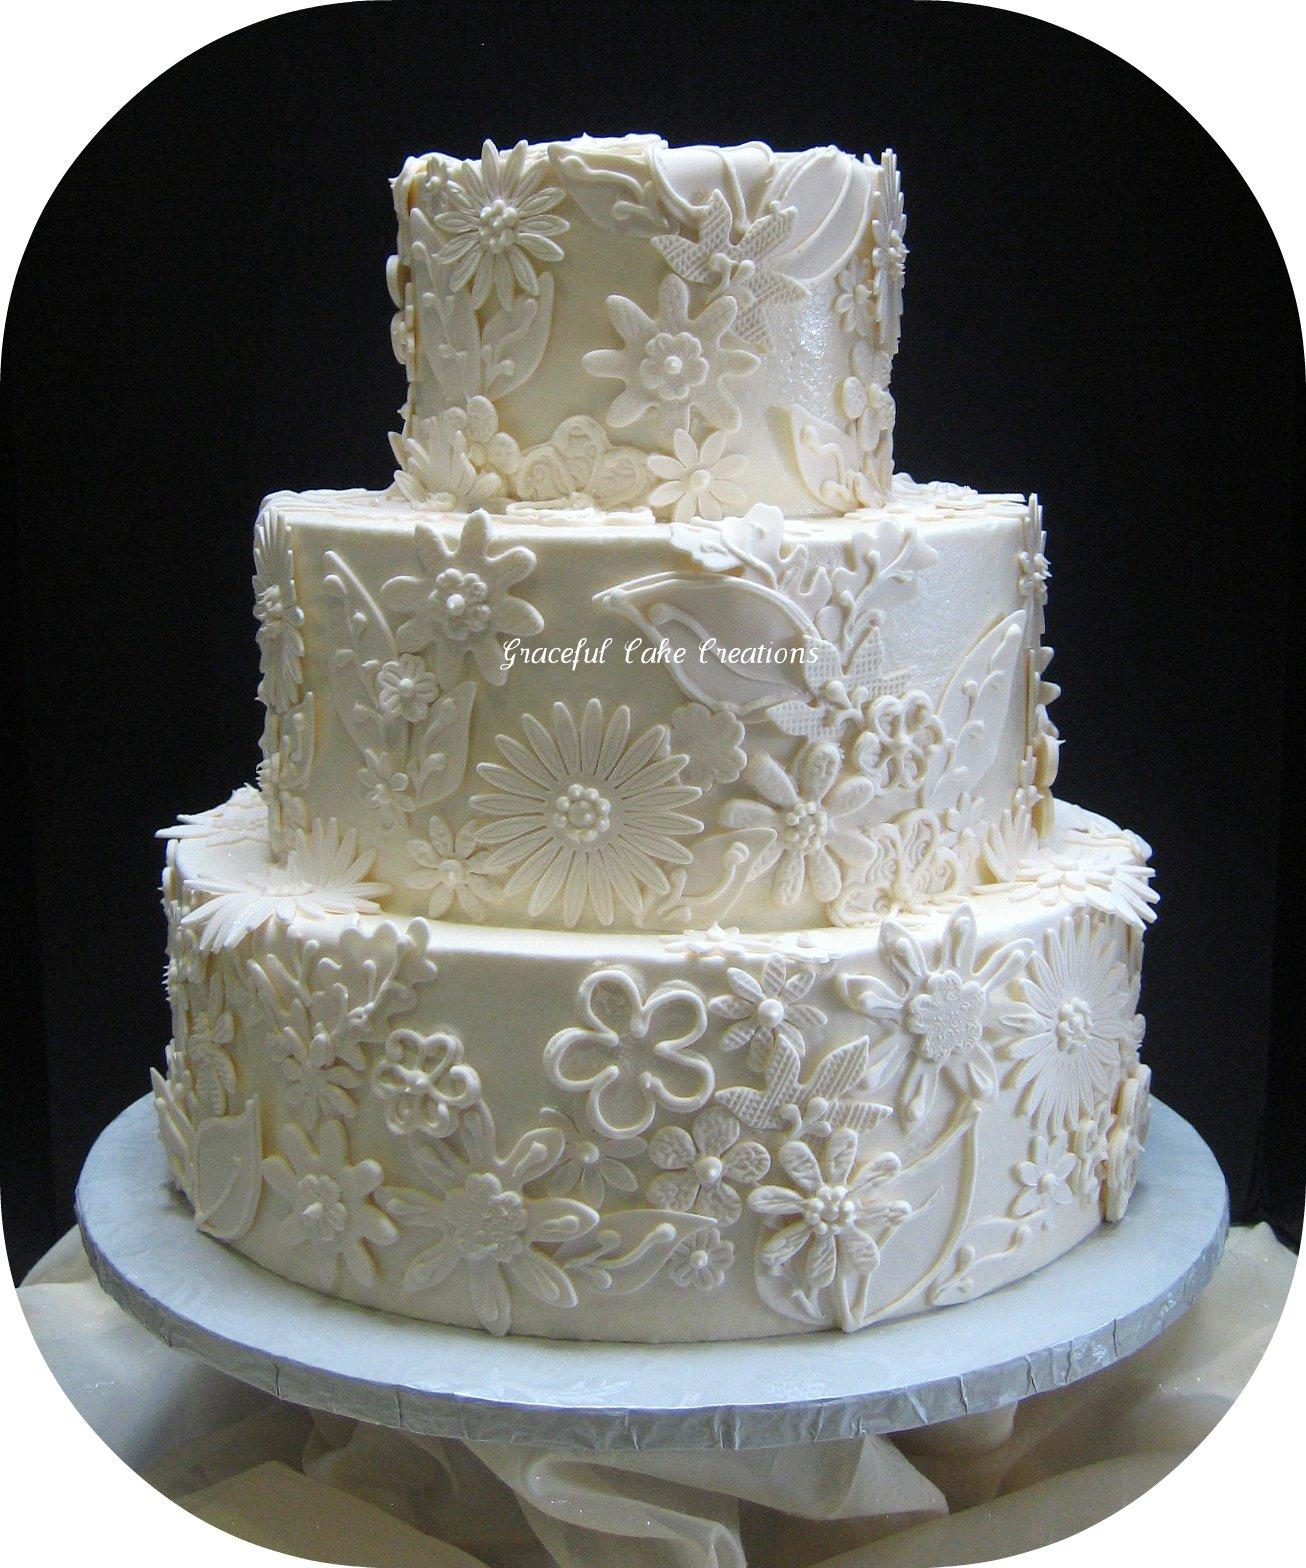 Elegant Ivory Wedding Cake with Fondant Lace Applique